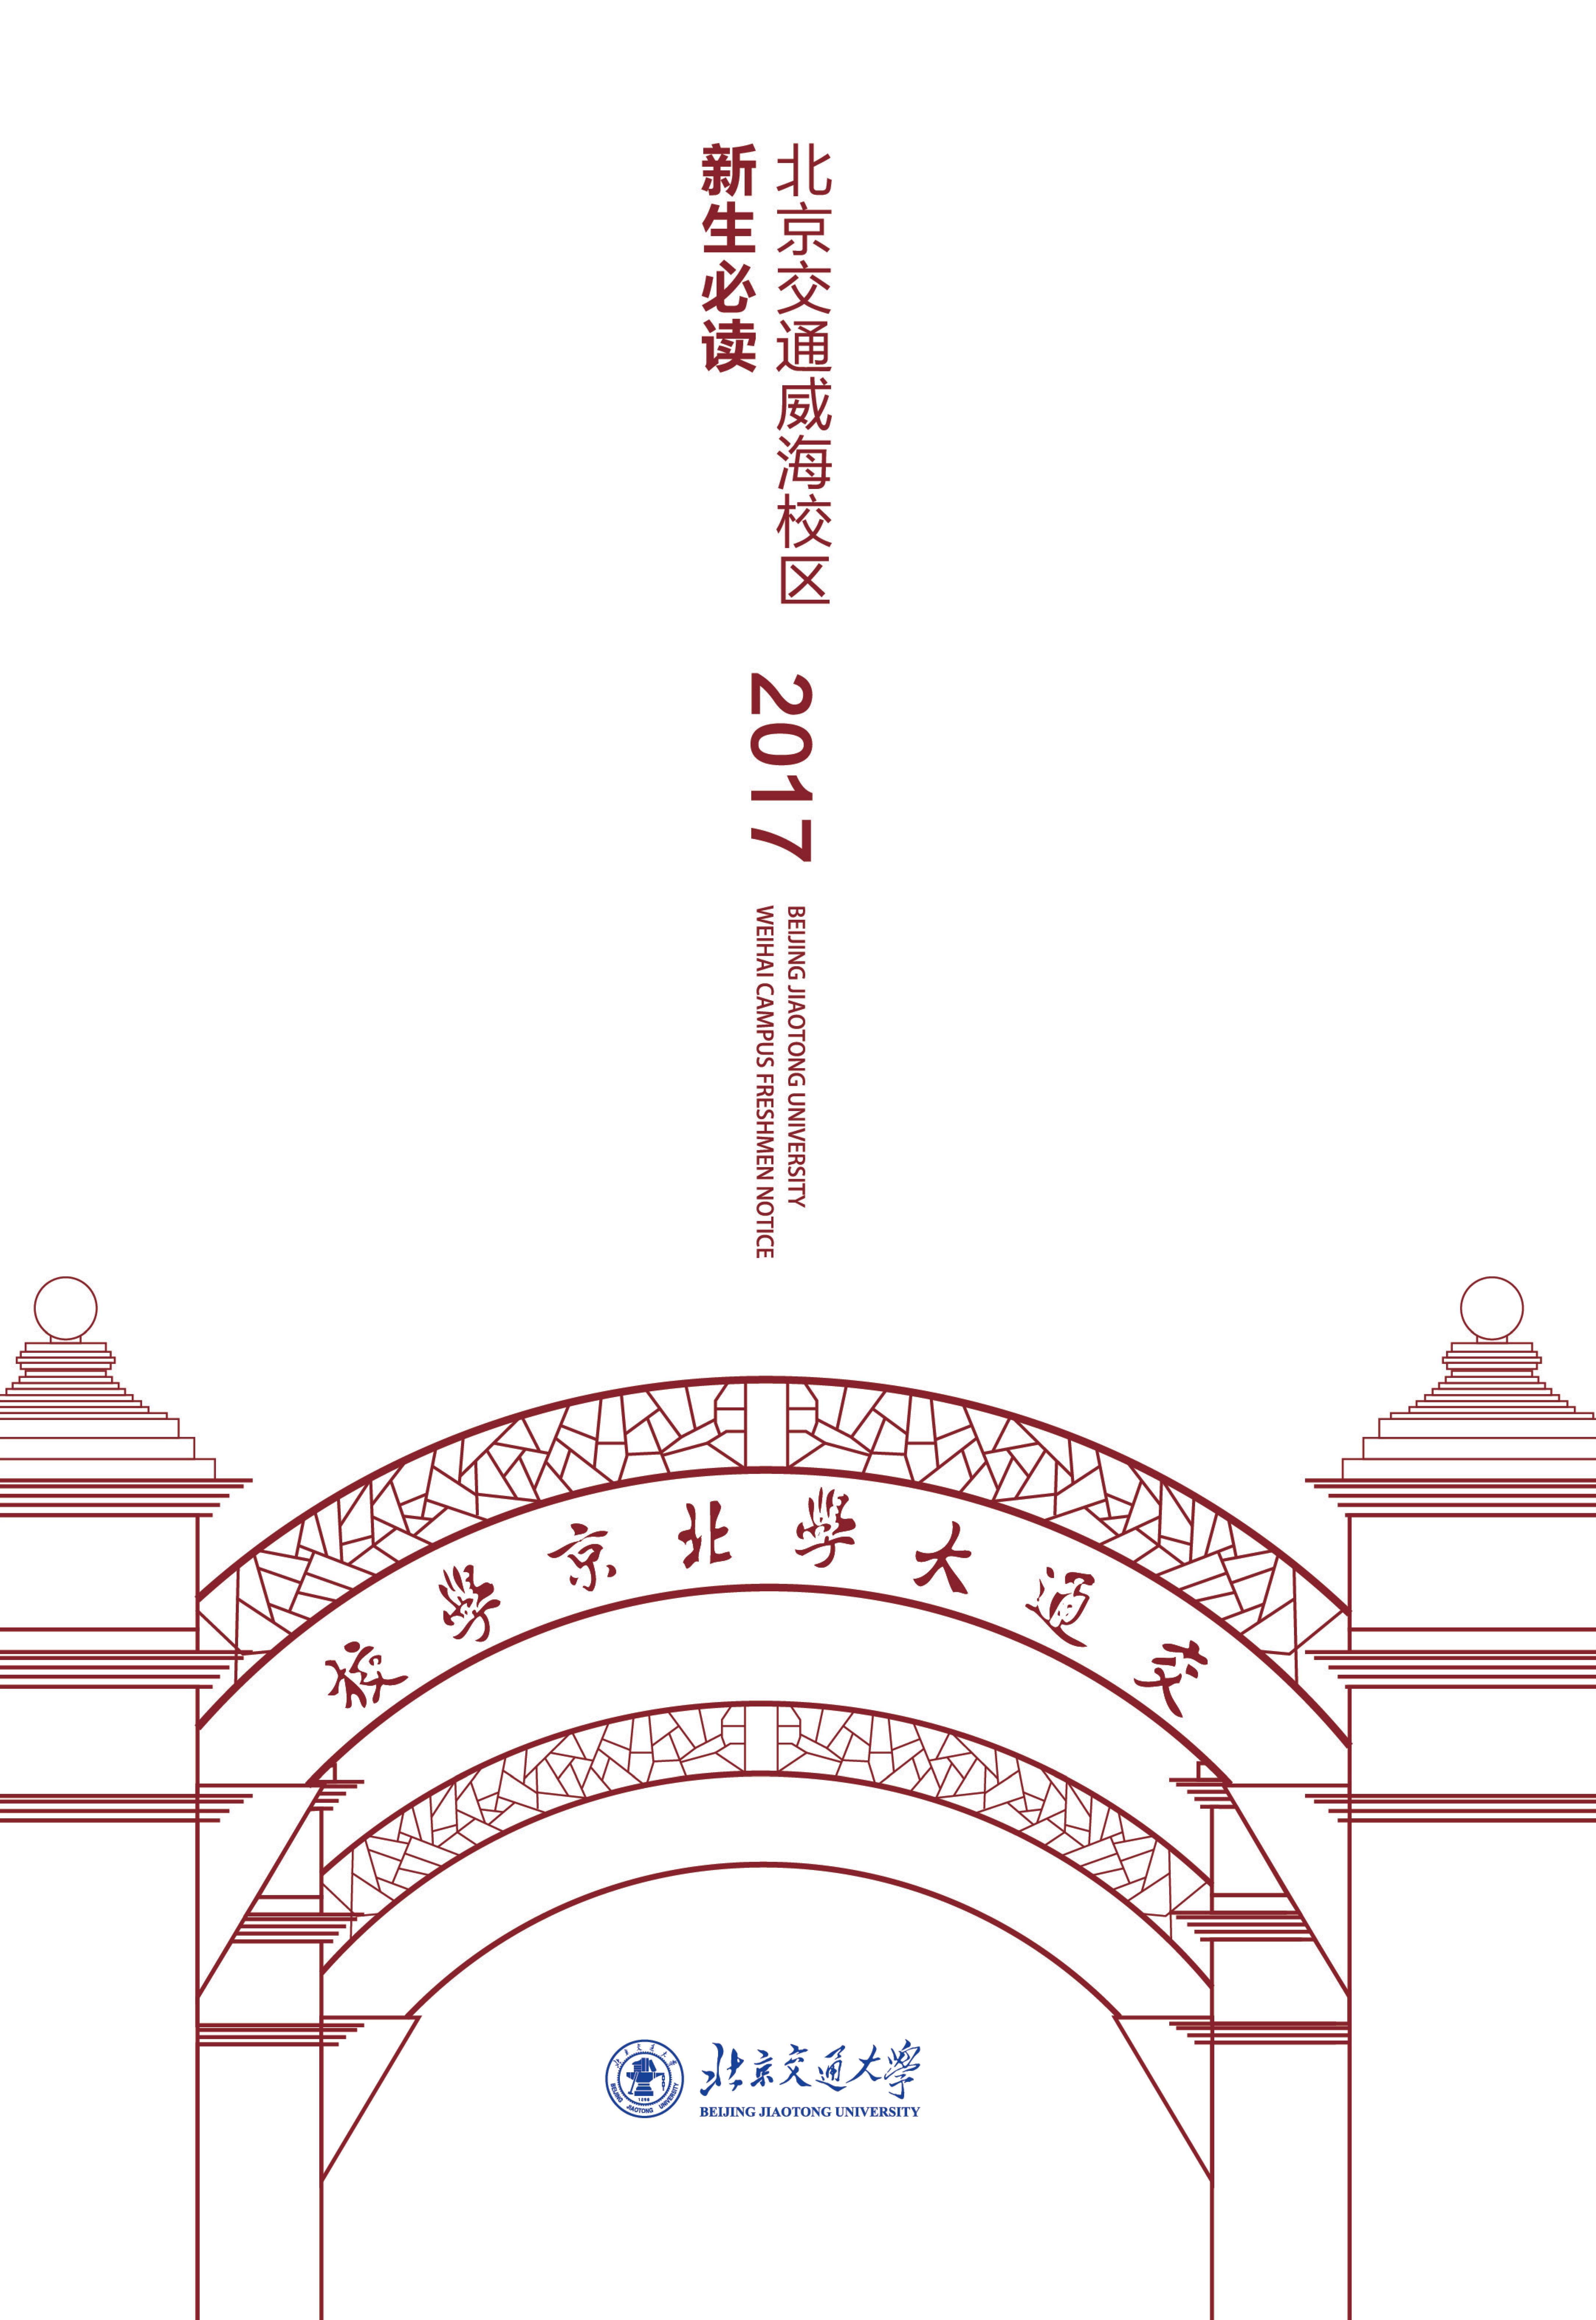 北京交通大学威海校区2017年新生必读